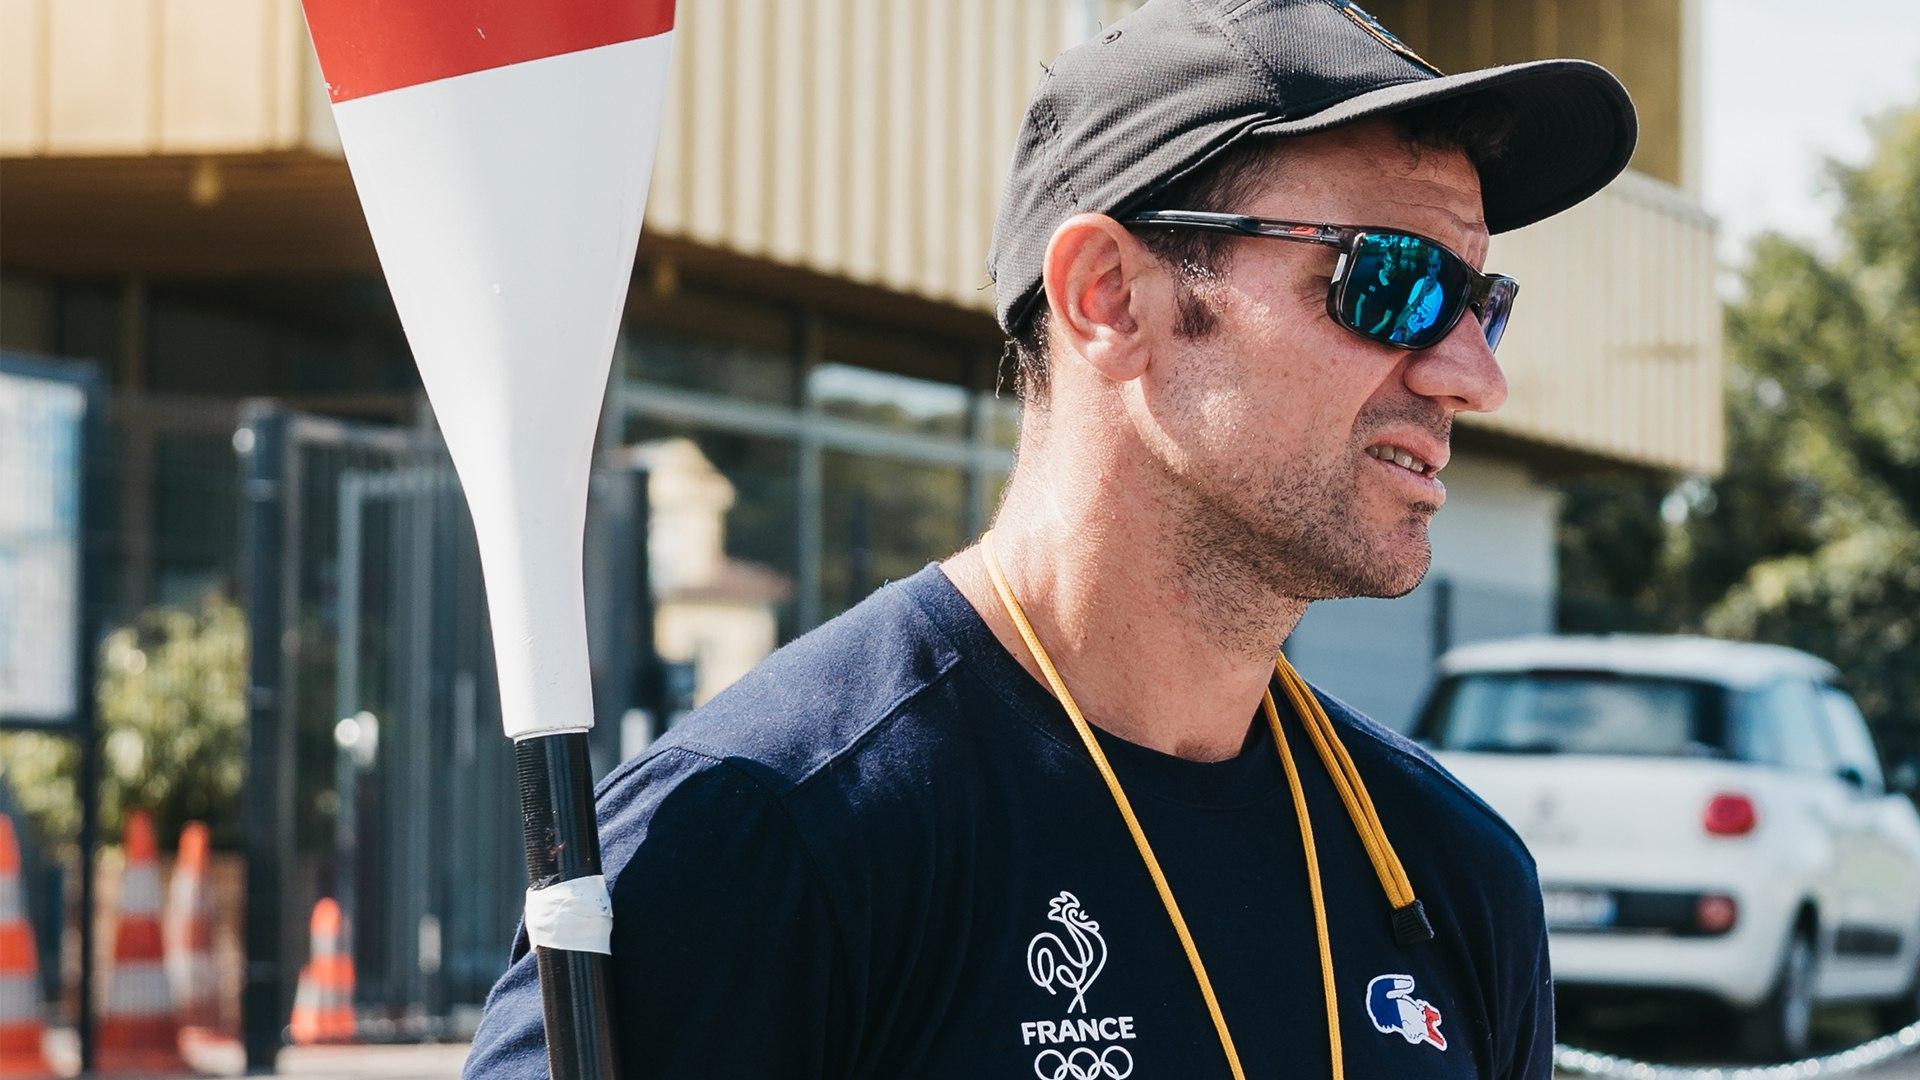 Maxime Beaumont à la base de canoë-kayak de Riedisheim